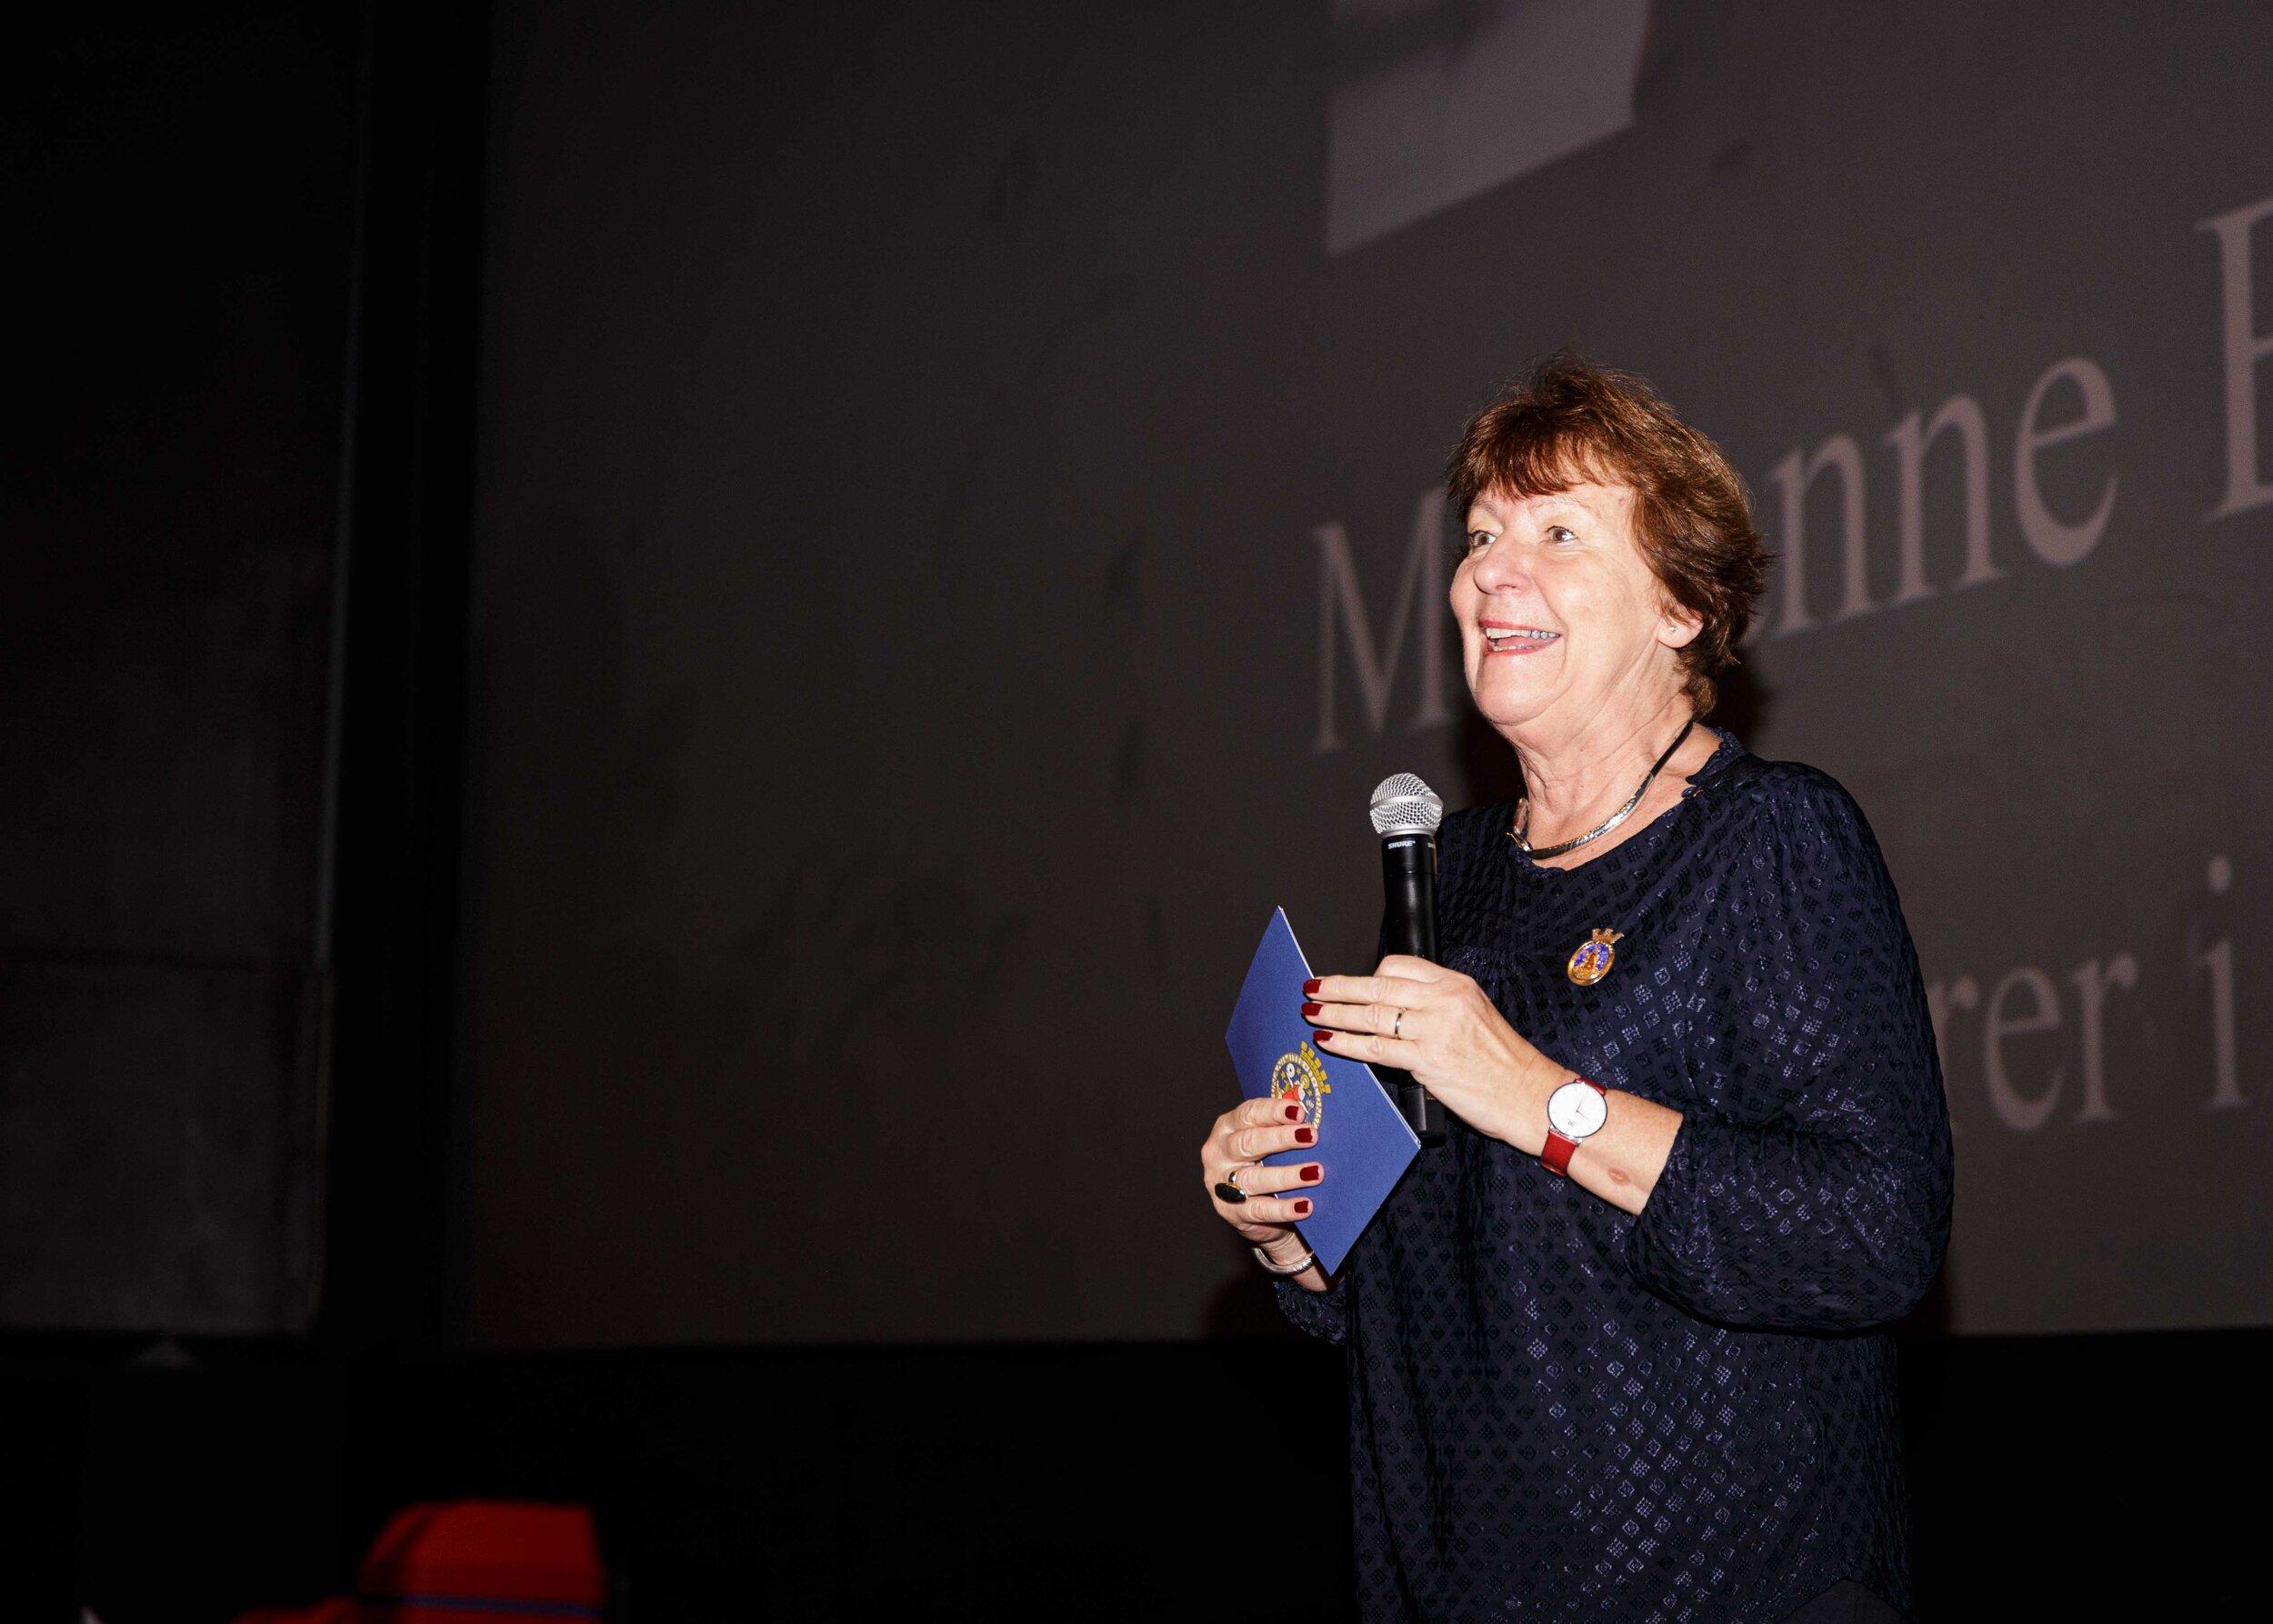 Ordfører Marianne Borgen fremførte blant annet frem et spesialskrevet dikt til festivaldirektør Faridah Shakoot Nabaggala. Foto: Alf Andreas Grønli Simensen.